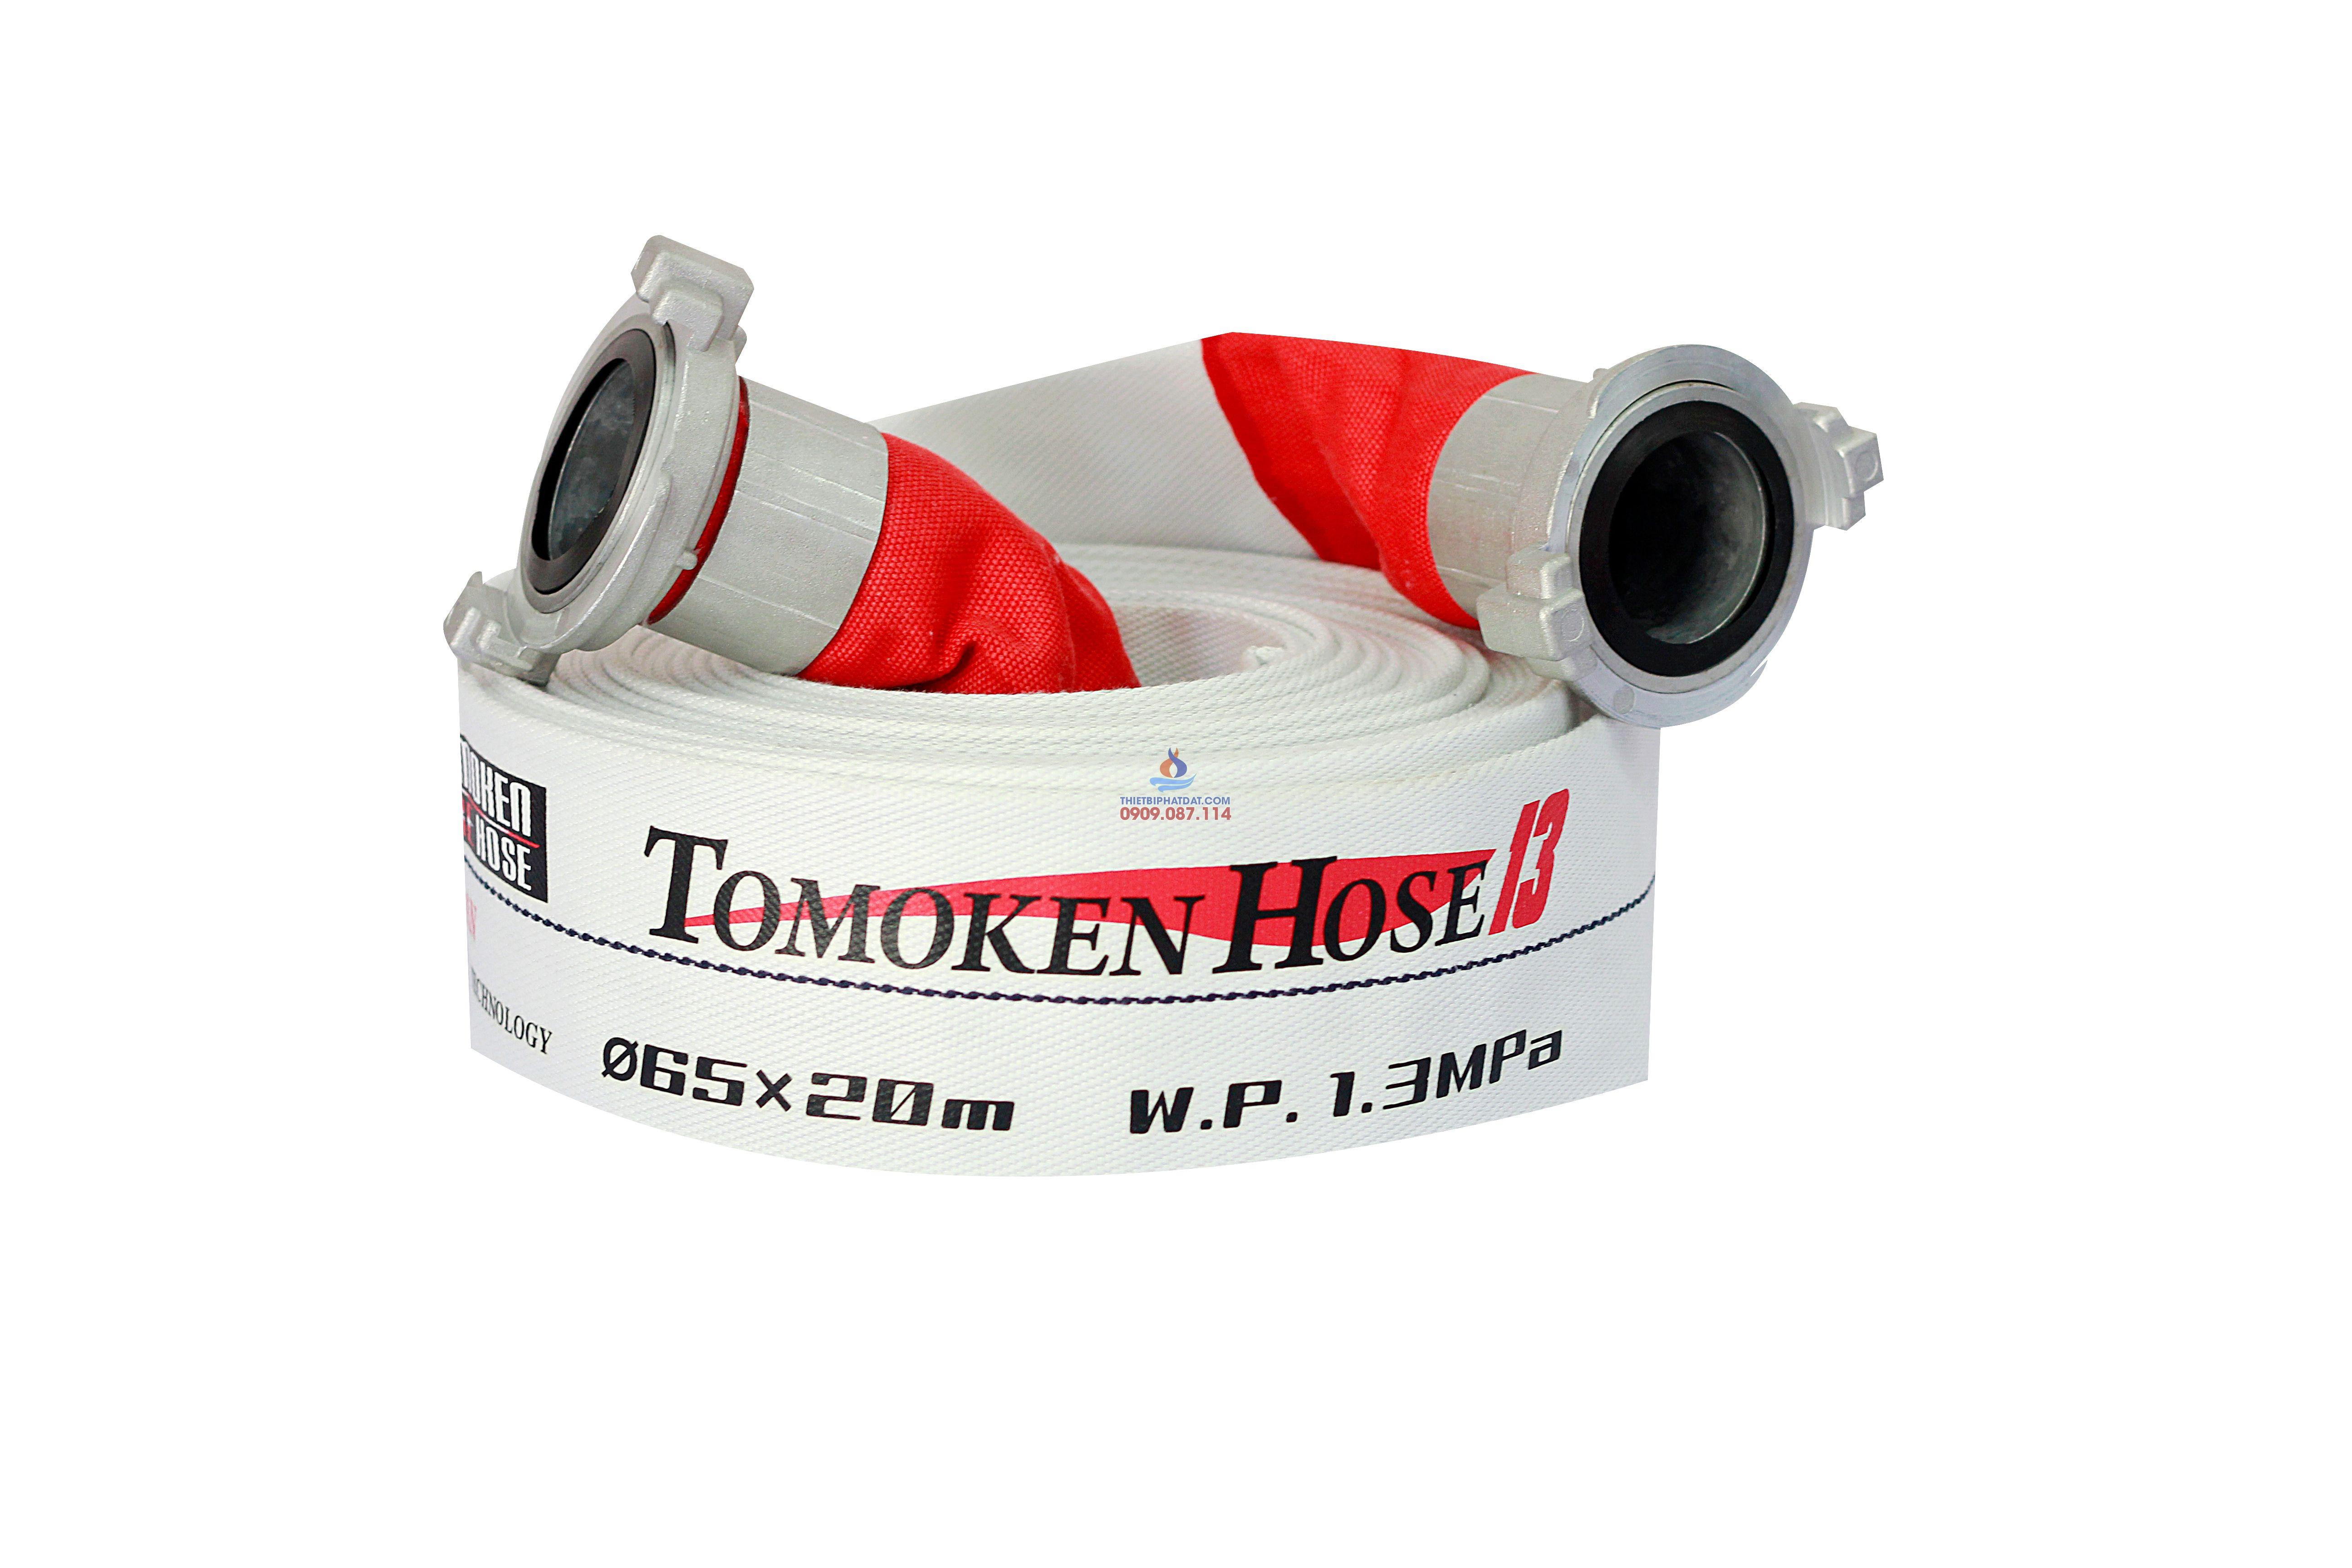 Vòi Chữa Cháy Tomoken Pro DN65-20M-16Bar